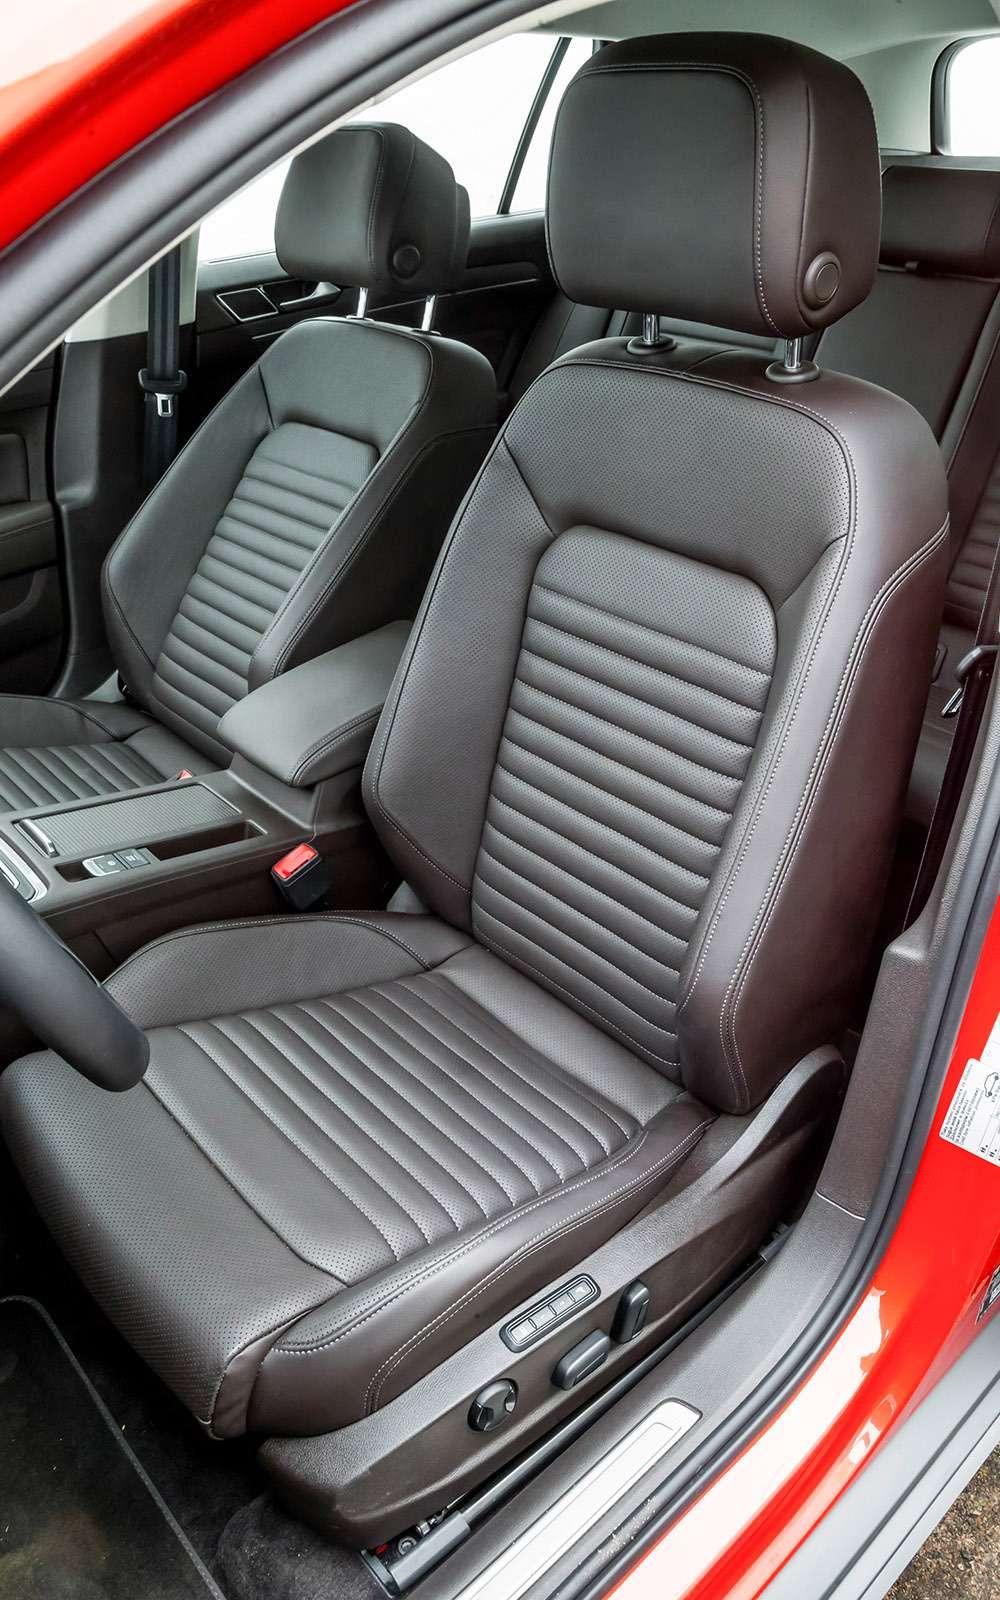 Volkswagen Passat Variant или Alltrack: зачто доплата?— фото 693507